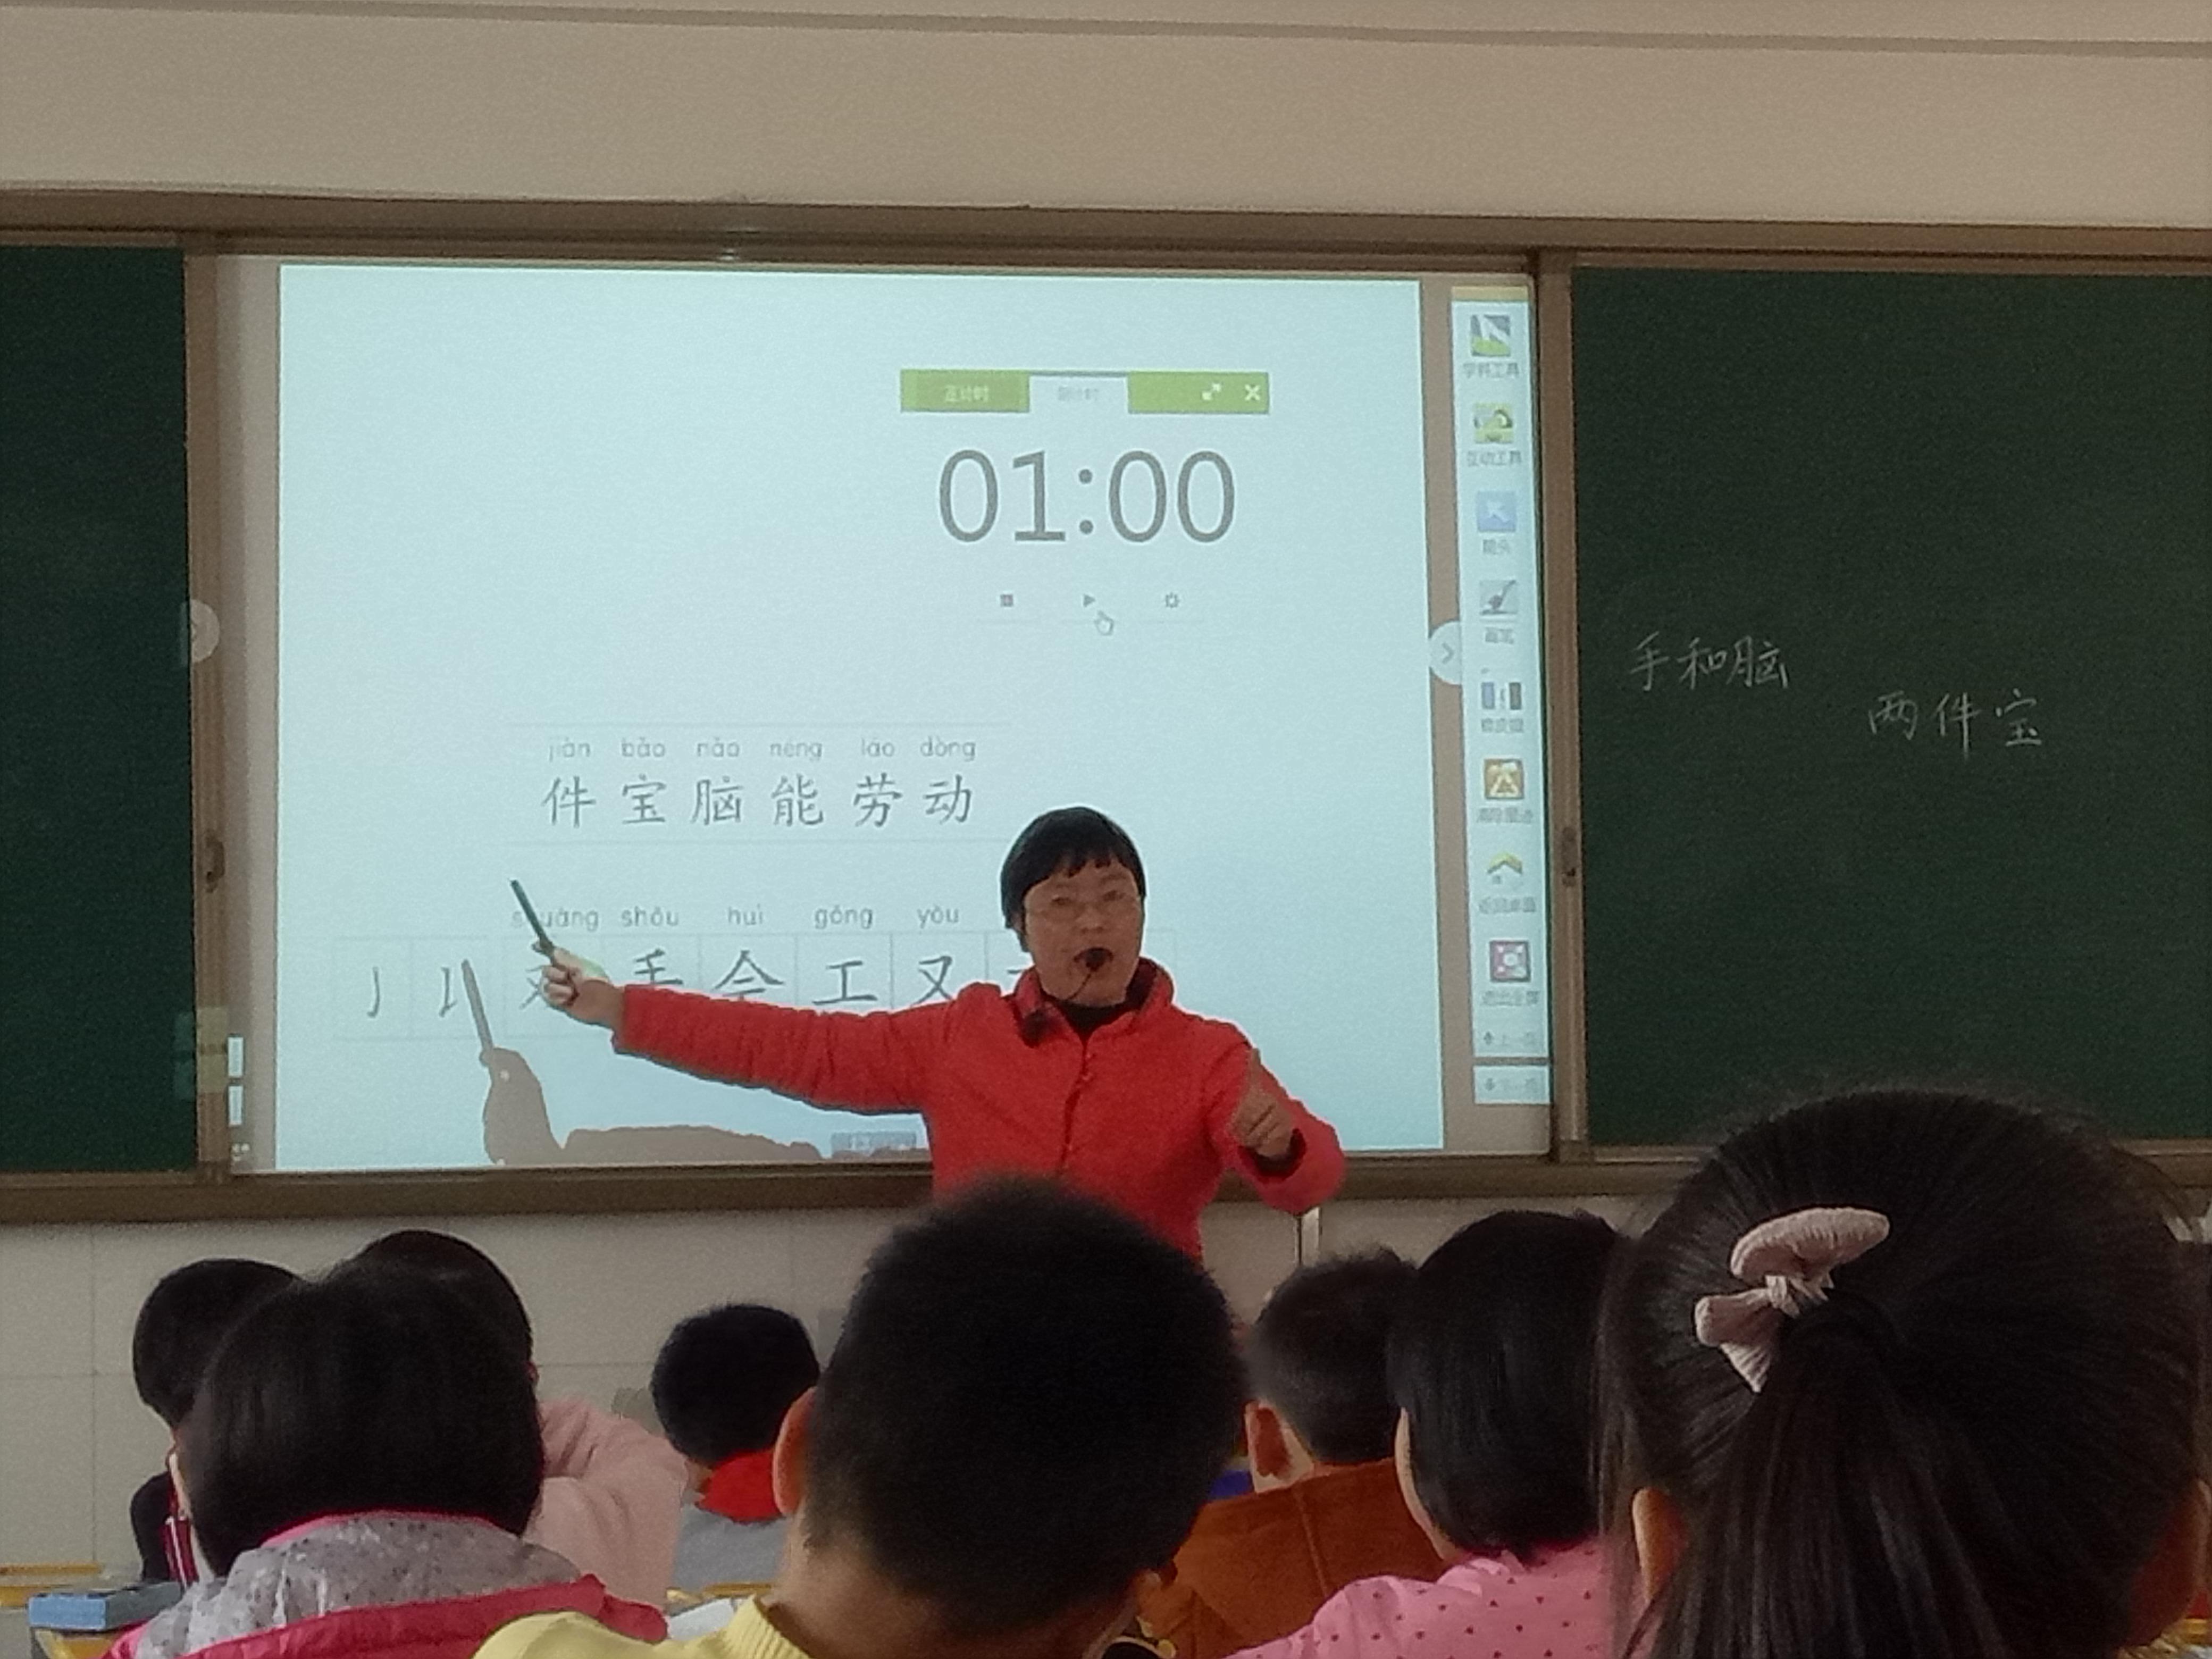 刘清梅:信息化教学不止于老师层面